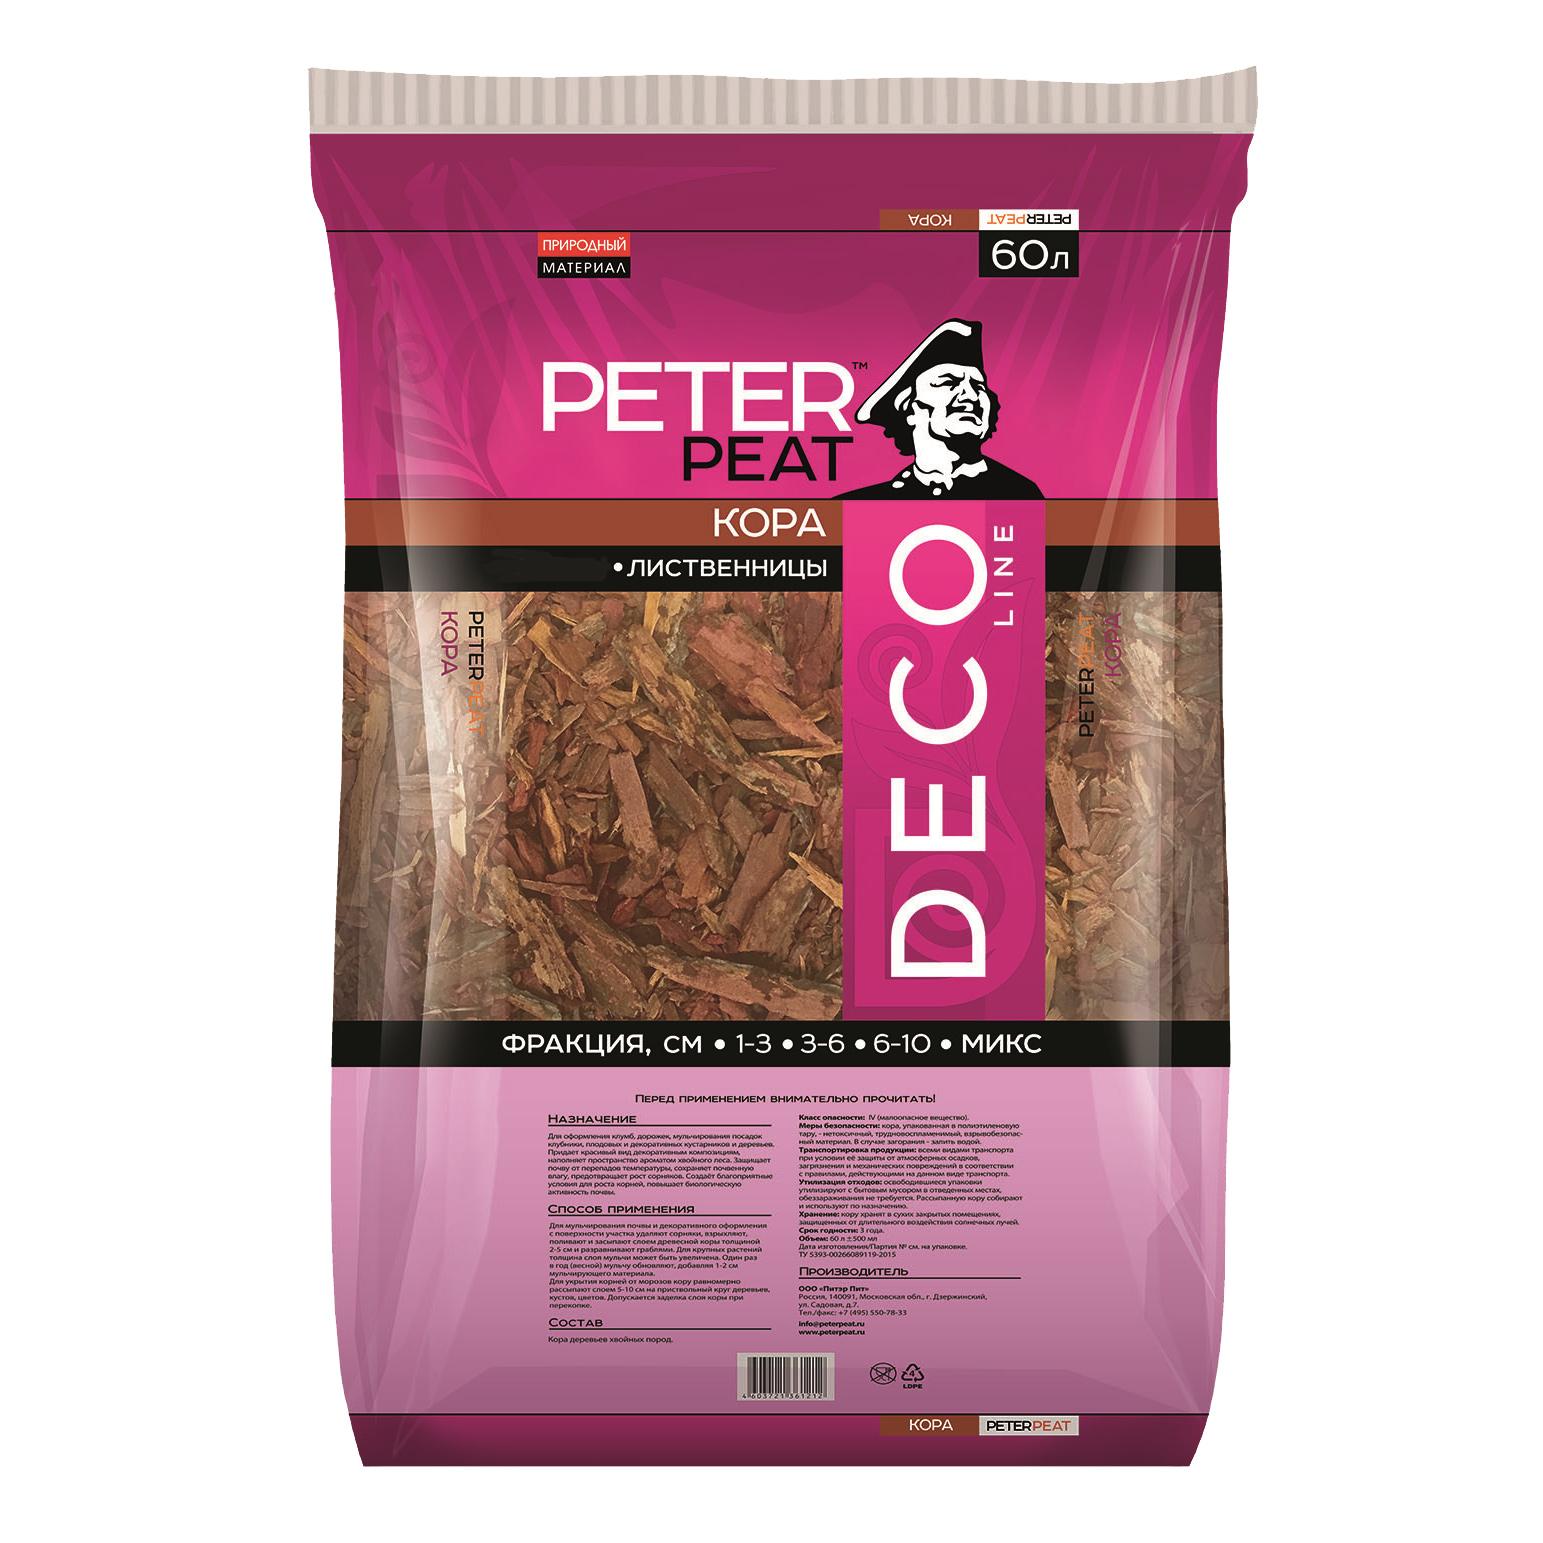 Кора лиственницы 60 л 1-3 см Деко Peter Peat.